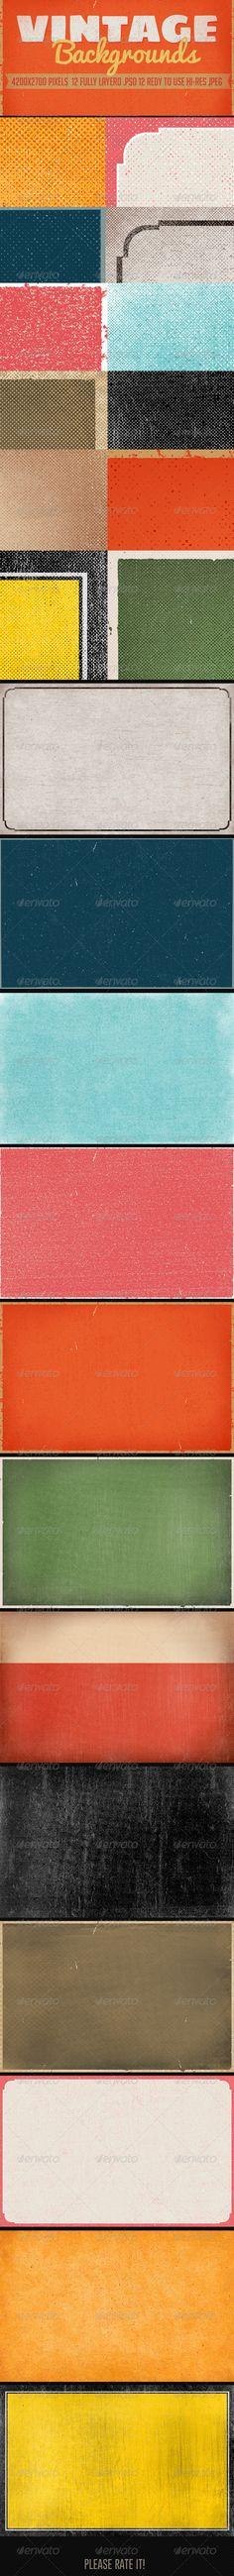 Vintage Backgrounds 4200×2700 px, 300 dpi #design Download: http://graphicriver.net/item/vintage-backgrounds/8089692?ref=ksioks